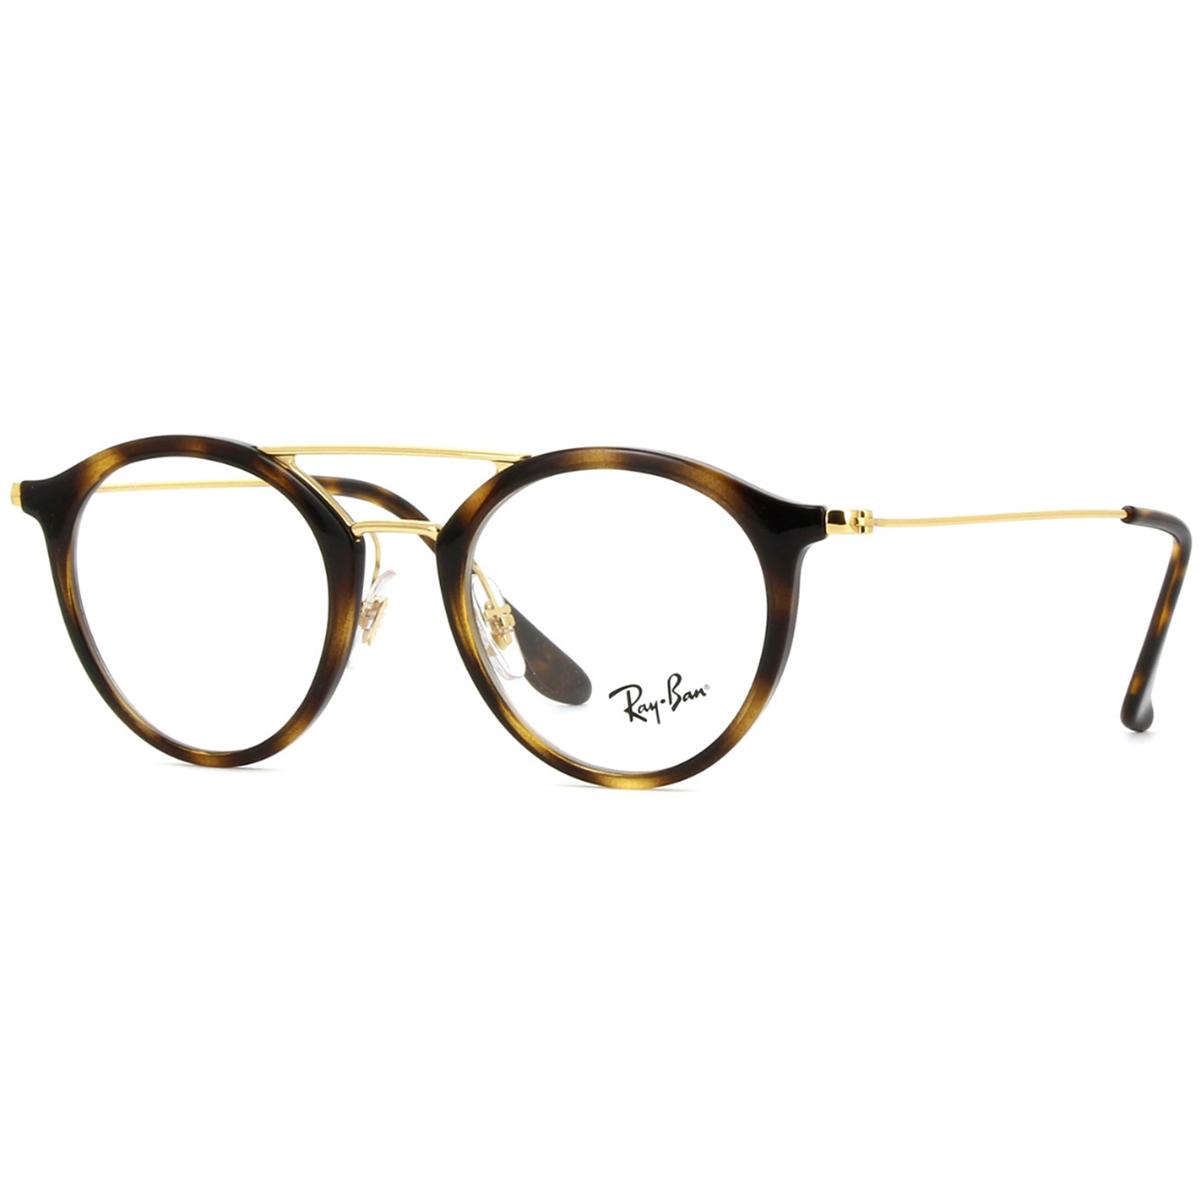 8a016de44665e Óculos de Grau Ray Ban RB7097